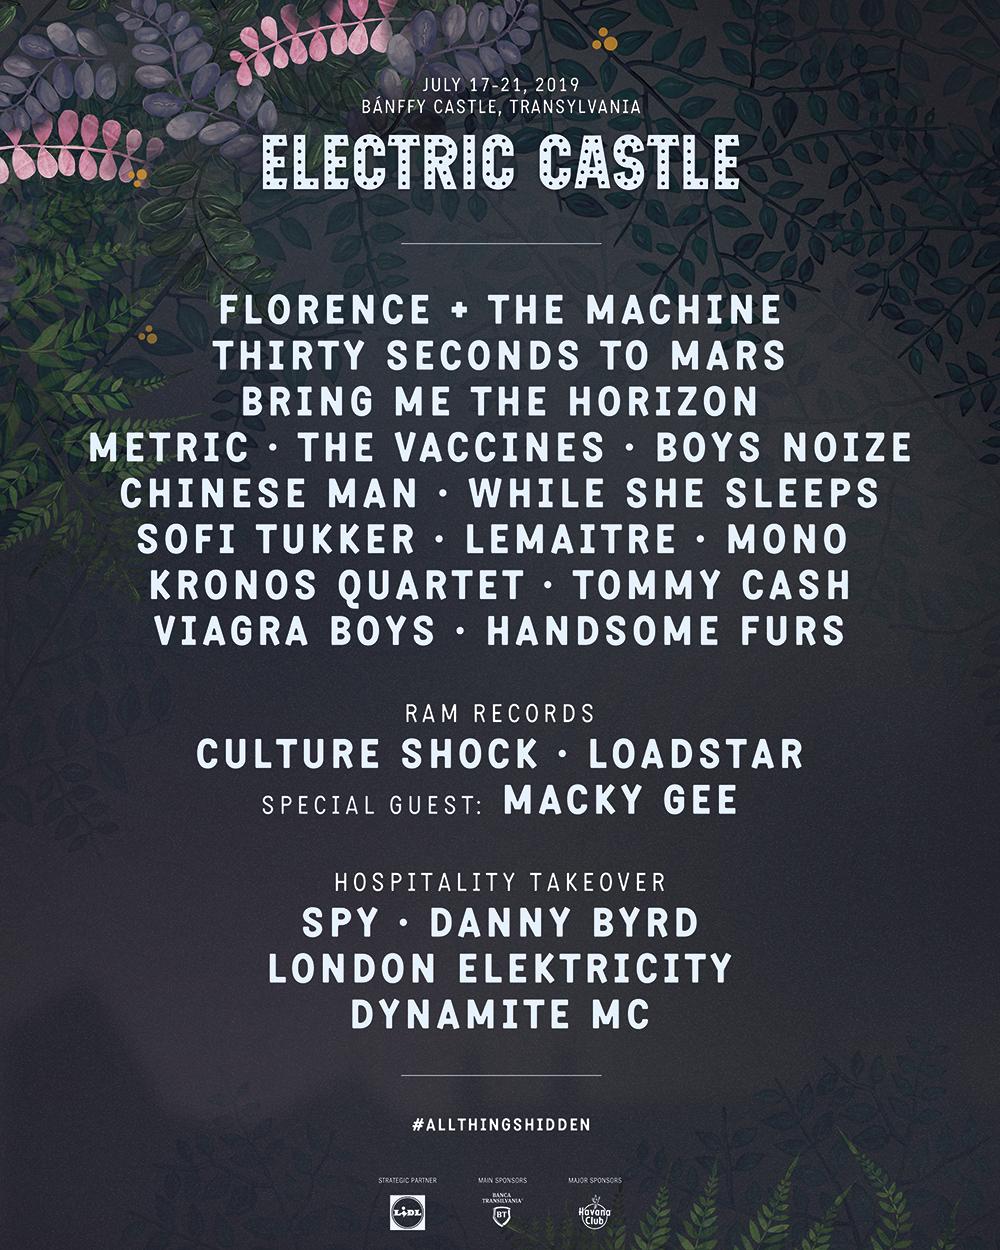 ELECTRIC CASTLE FESTIVAL 2019